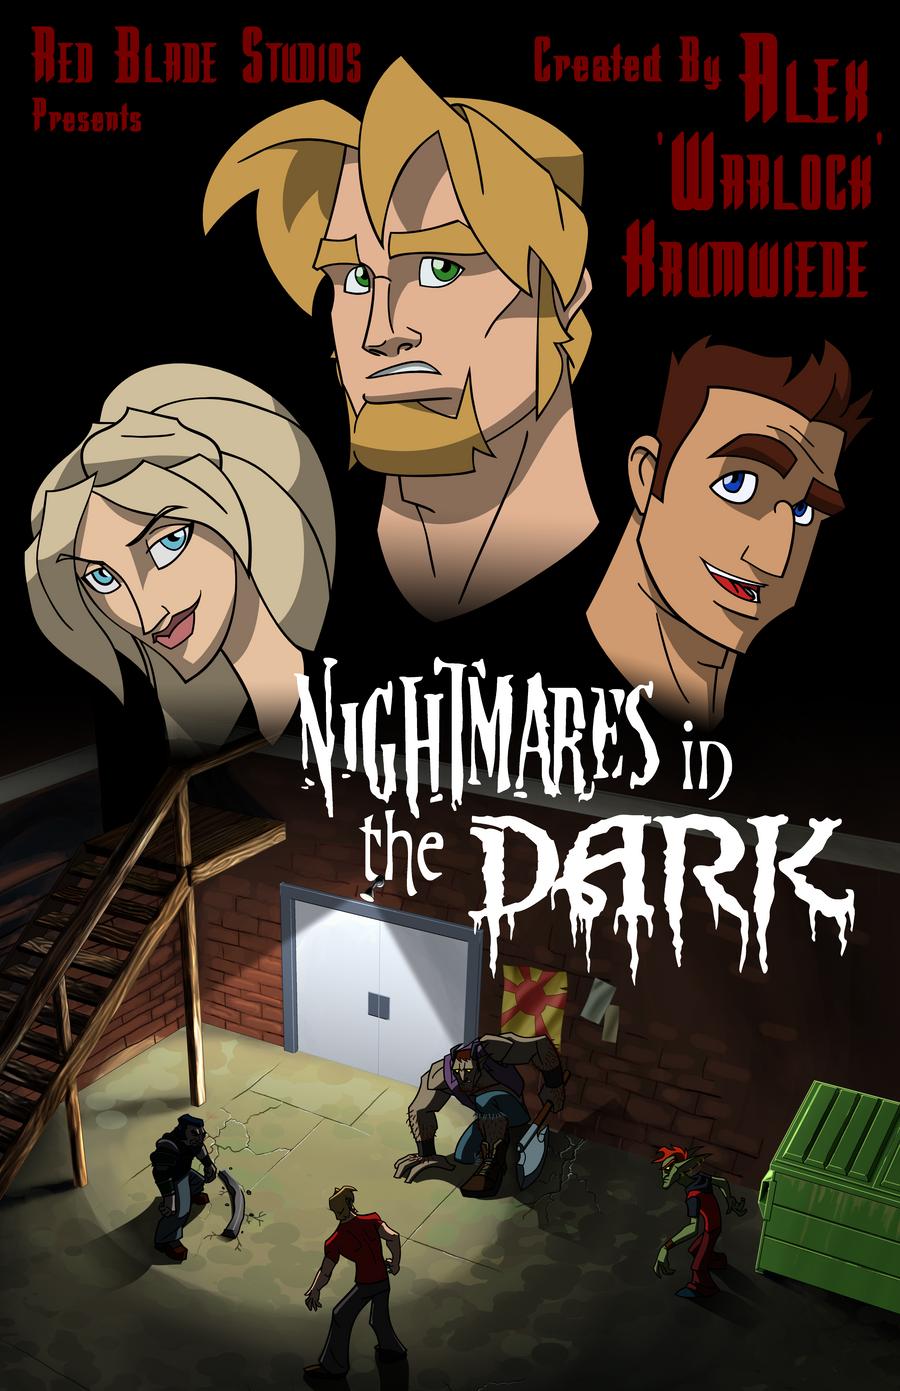 Nightmares Poster by RedBladeStudios